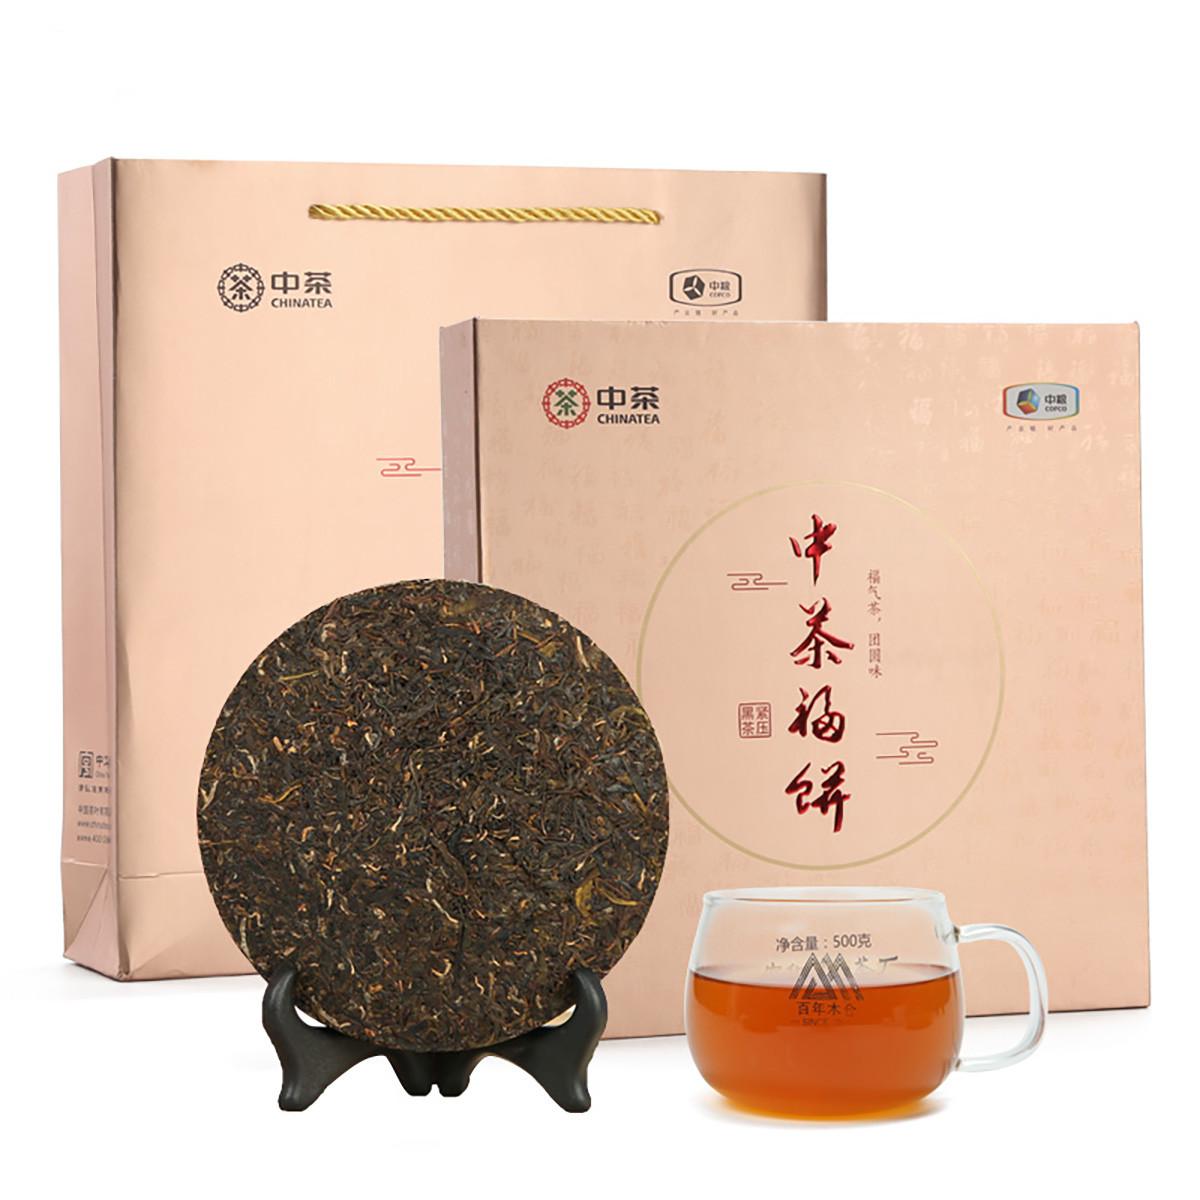 百年木仓 中茶 湖南安化黑茶 中茶福饼 升级款 礼盒装 500g